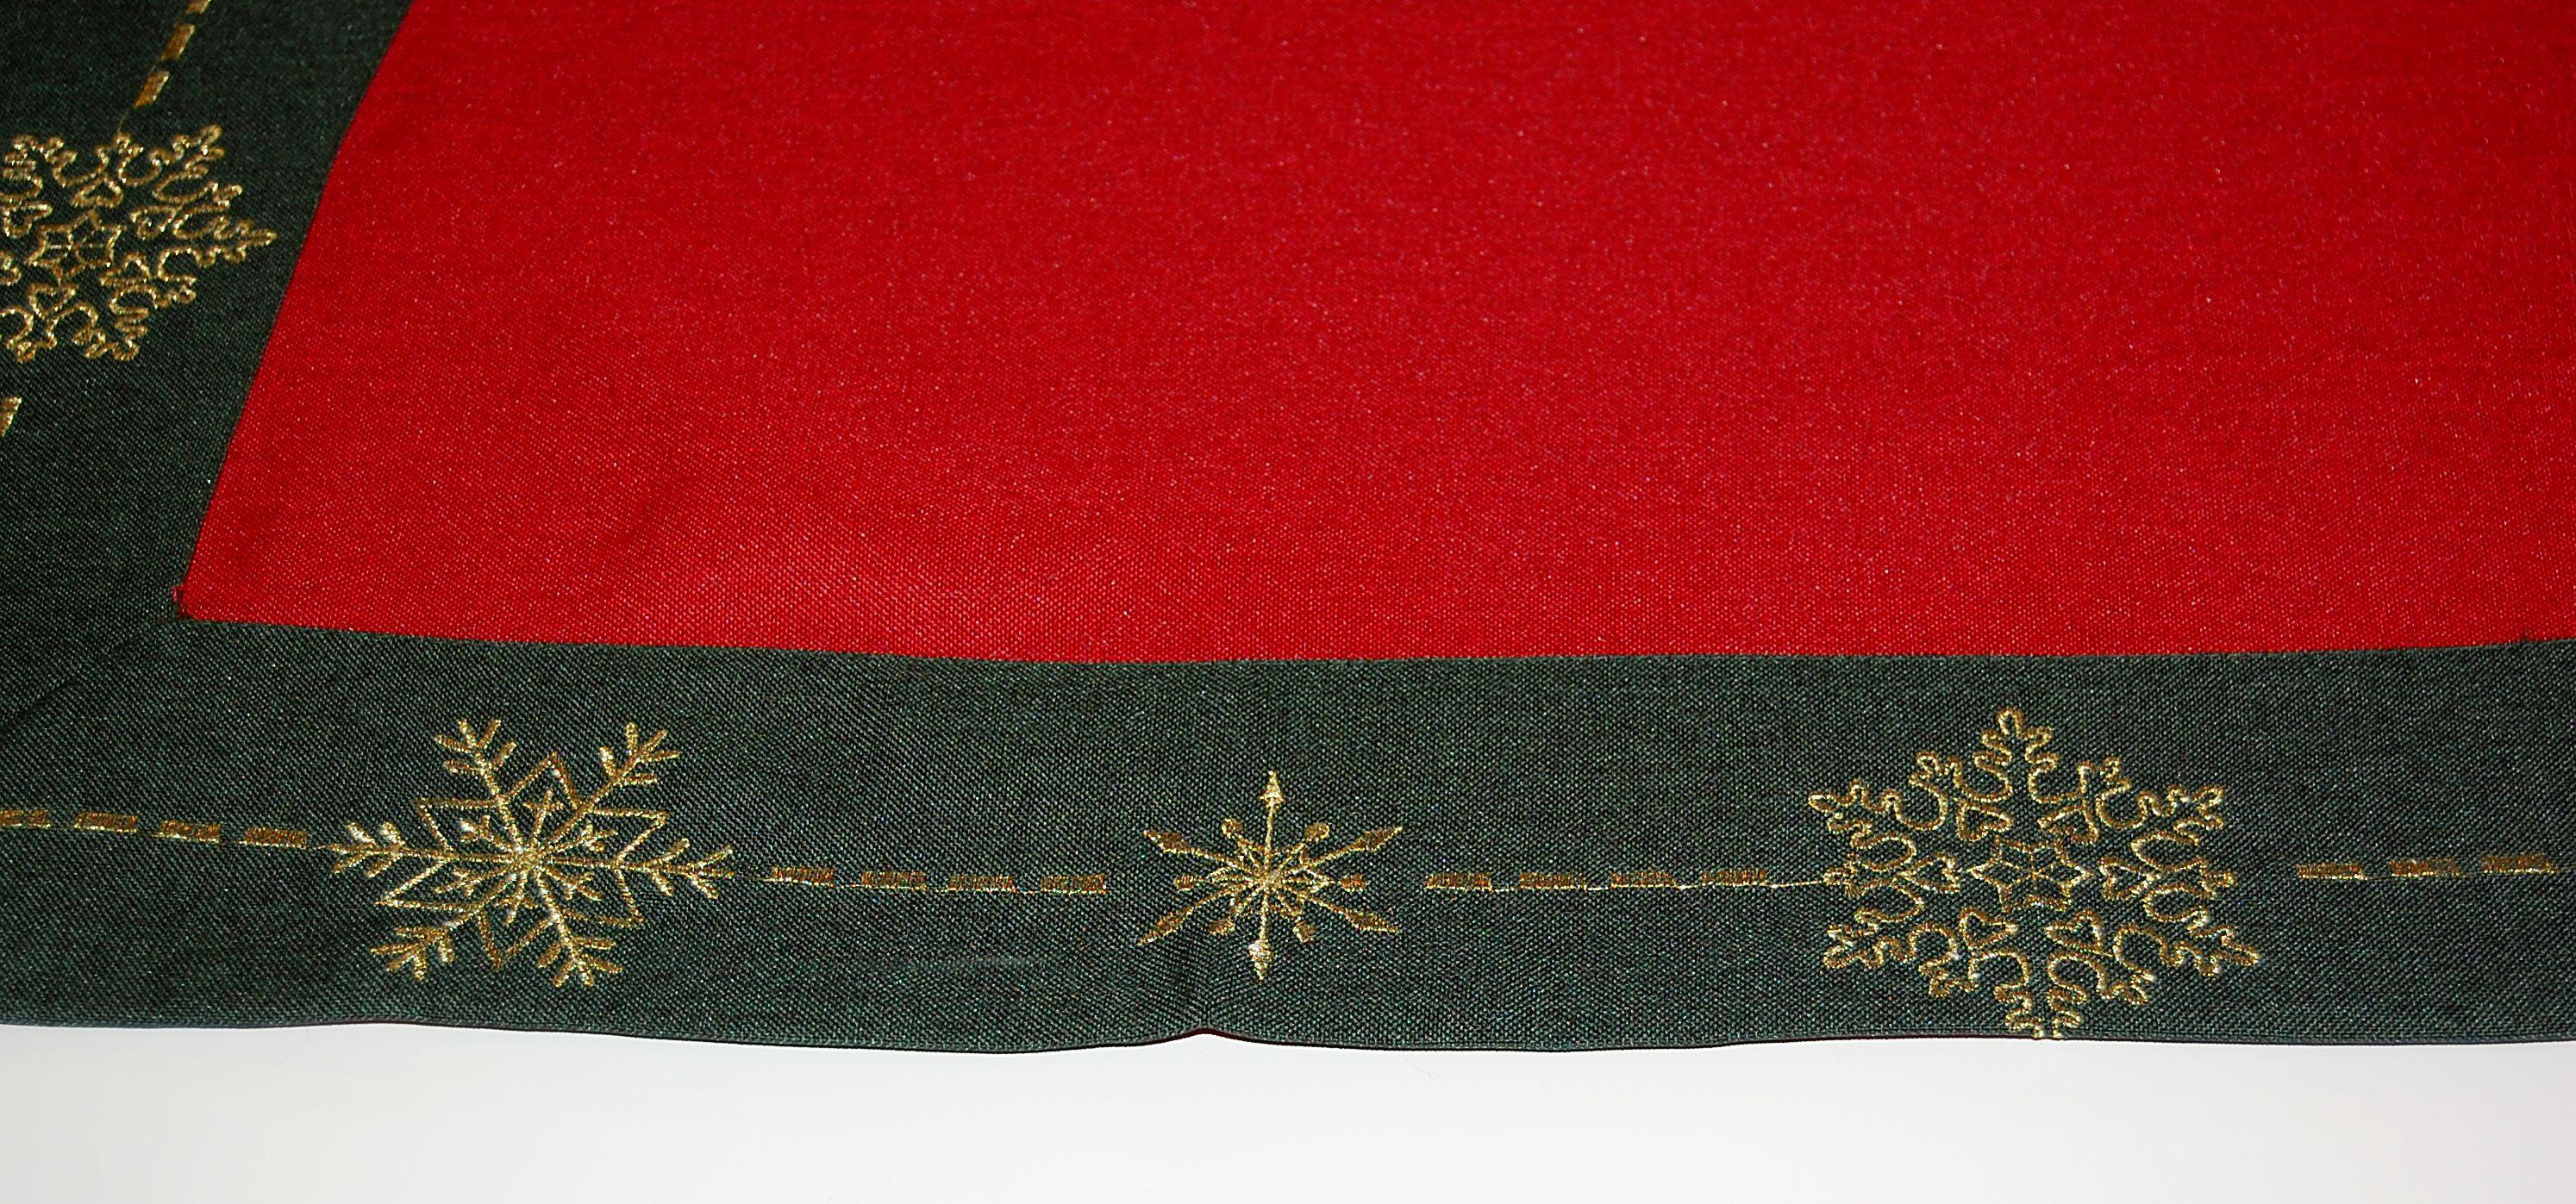 tischdecke weihnachten rot gr n gold bestickt tischl ufer mitteldecke klassisch ebay. Black Bedroom Furniture Sets. Home Design Ideas